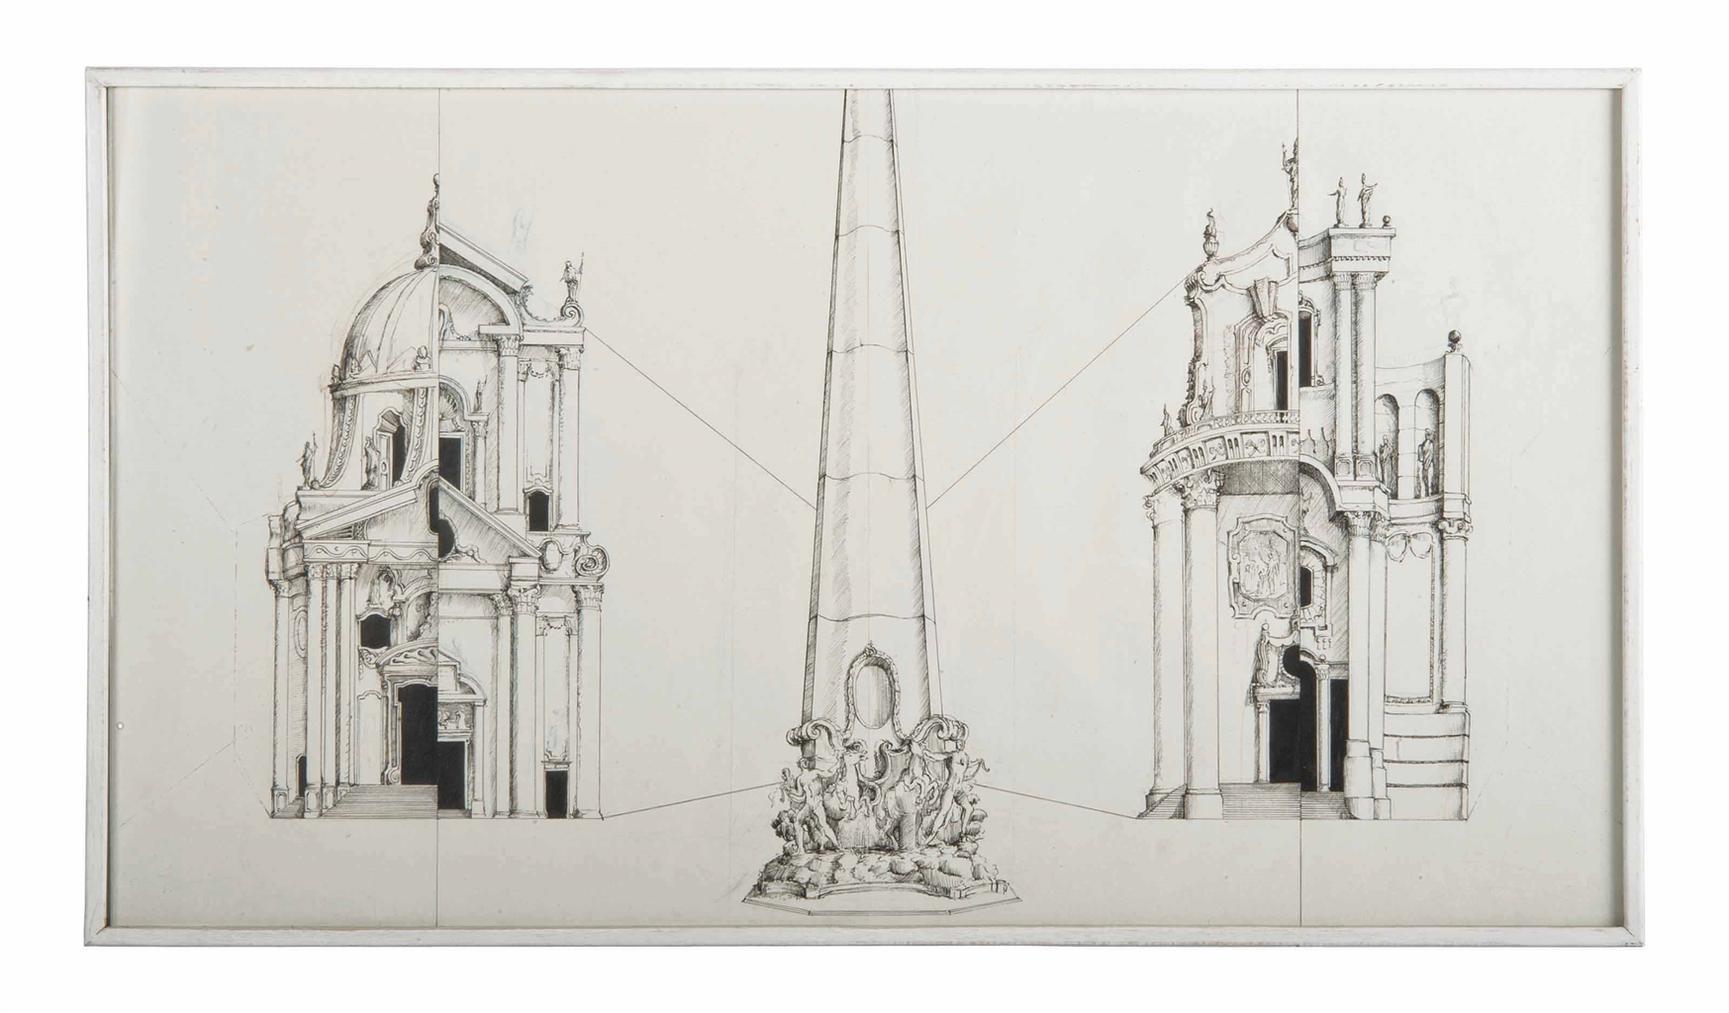 Pablo Bronstein-4 Alternative Designs For The Piazza Del Popolo In The Style Of Carlo Rainaldi-2005